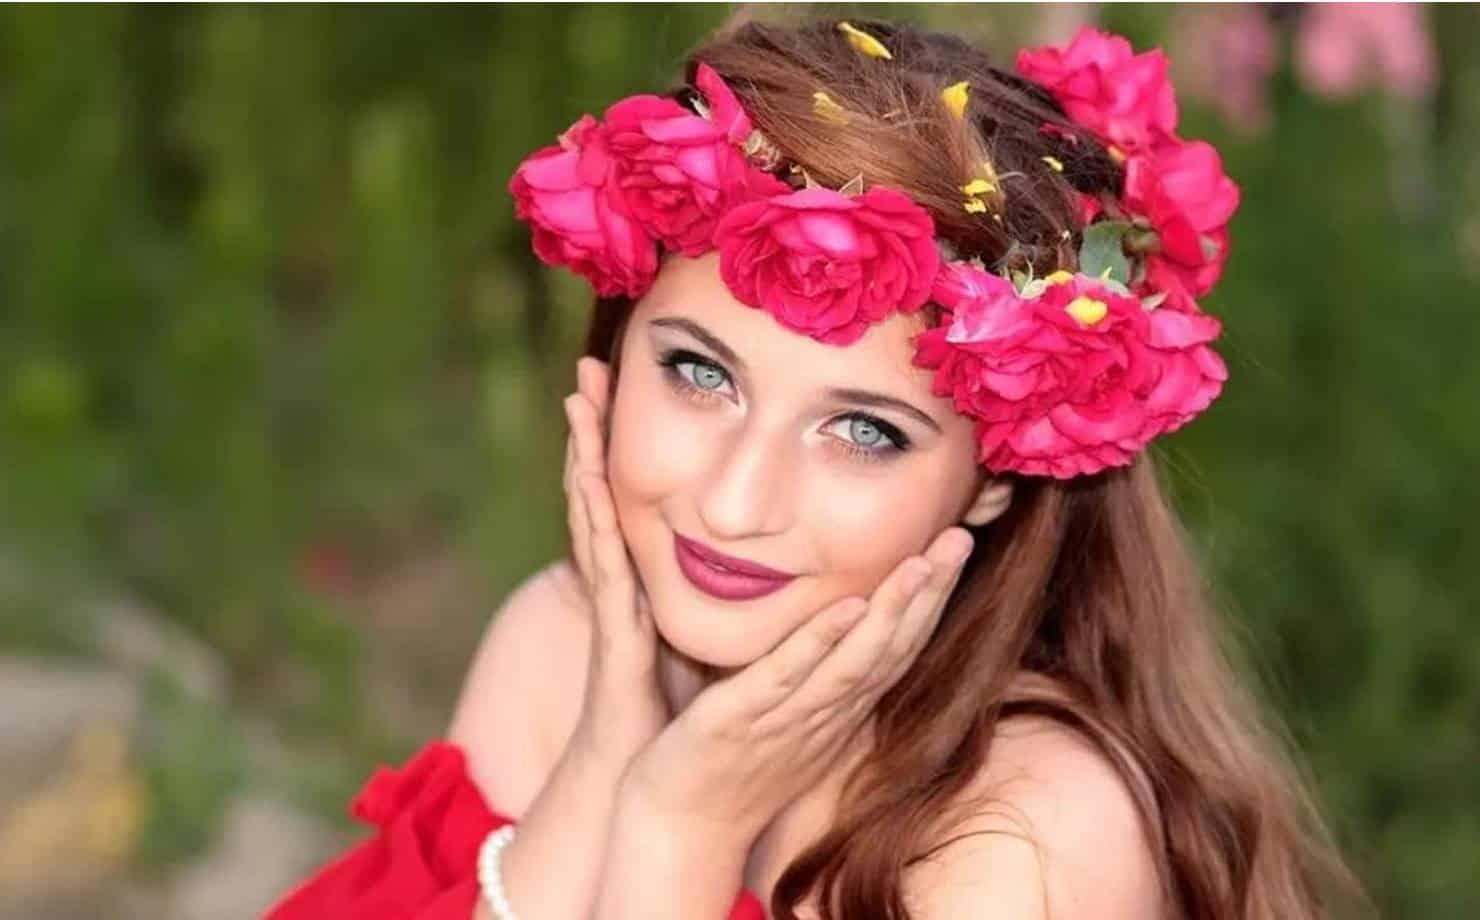 Mulher com Pele sem Rugas usando Coroa de flores na Cabeça